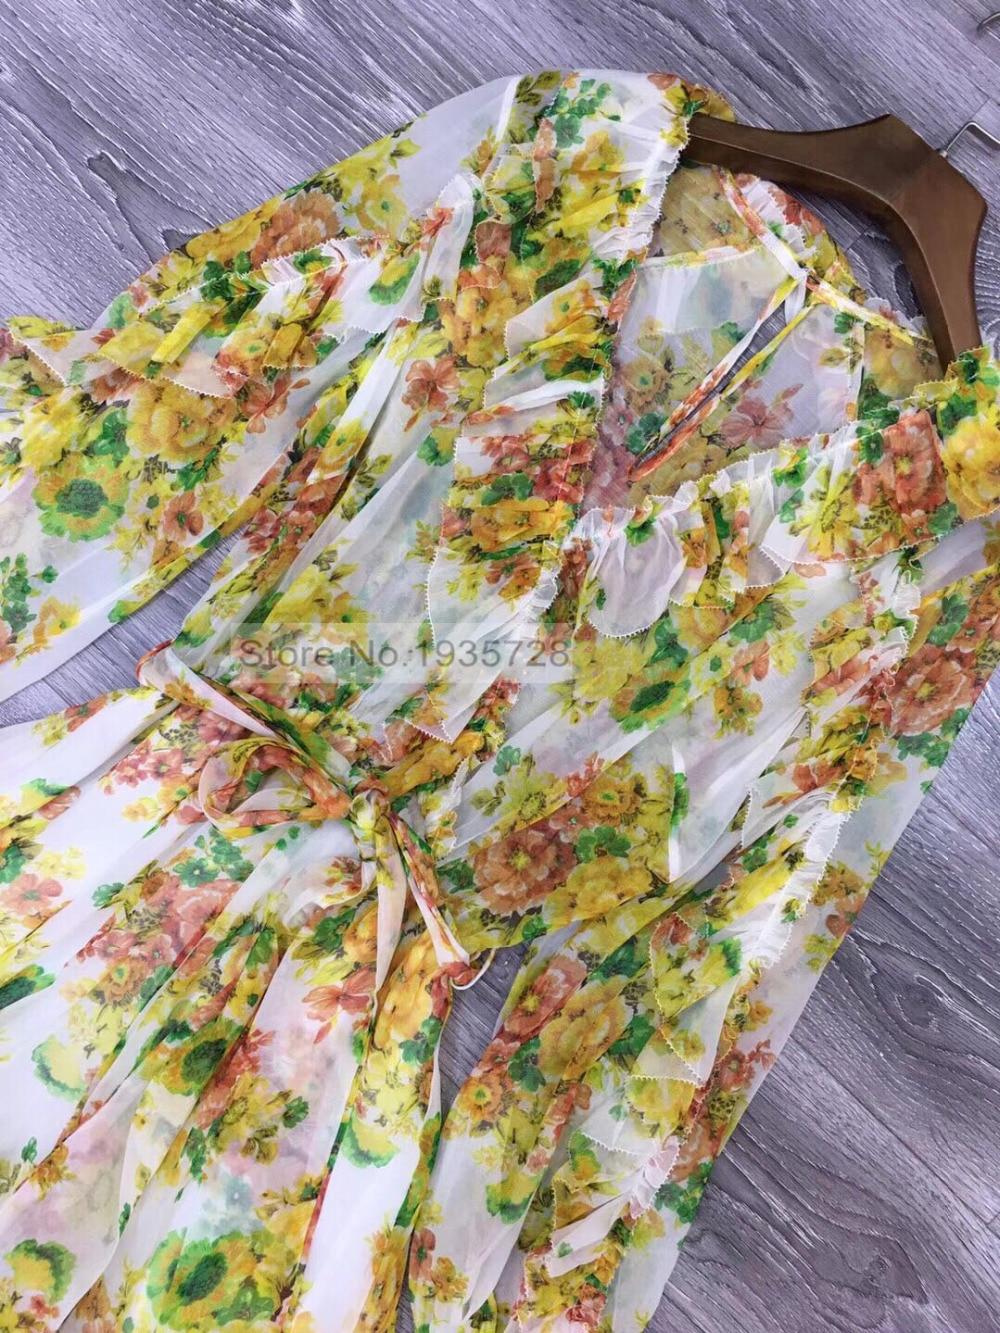 Ceinture Soie dames Femmes De Luxe Cravate Imprimé 2018 En Mini Combinaisons Print Golden Floral Pic Ruffle Taille Avec V As Élégant Col CombinaisonsBarboteuses tQdshr